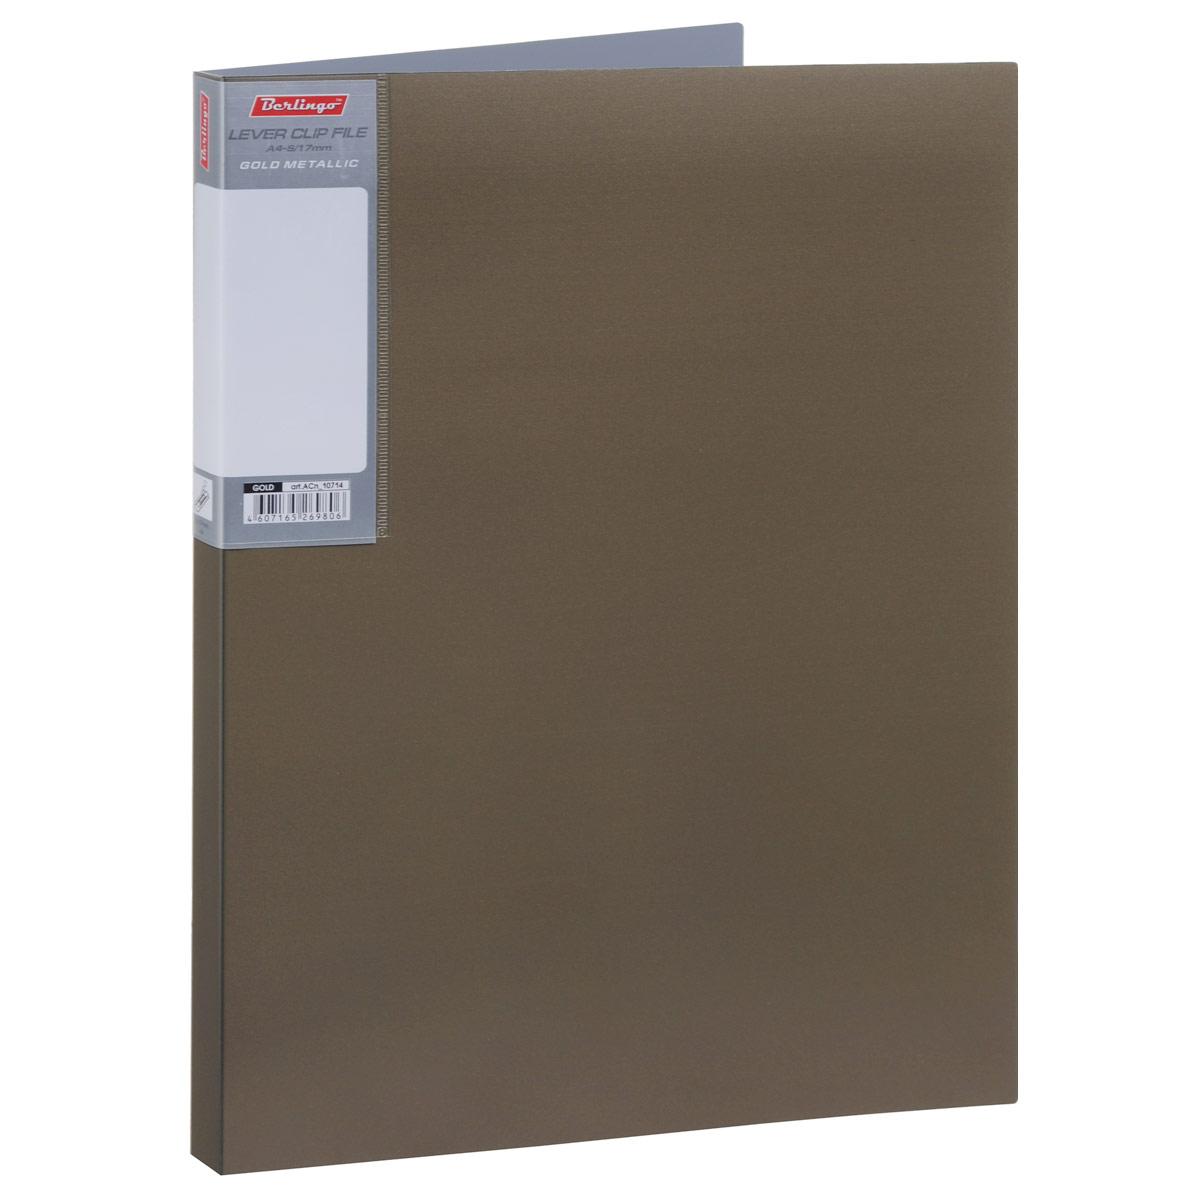 Папка с боковым зажимом Berlingo Metallic, цвет: золотистый. Формат А4AC-1121RDПапка Berlingo Metallic - это удобный и практичный офисный инструмент, предназначенный для бережного хранения и транспортировки без перфорации рабочих бумаг и документов формата А4.Папка изготовлена из плотного пластика толщиной 0,8 см, оснащена не повреждающим бумагу металлическим прижимным механизмом и внутренним прозрачным кармашком, а также дополнена кармашком на корешке со съемной этикеткой для маркировки.Папка надежно сохранит ваши документы и сбережет их от повреждений, пыли и влаги.